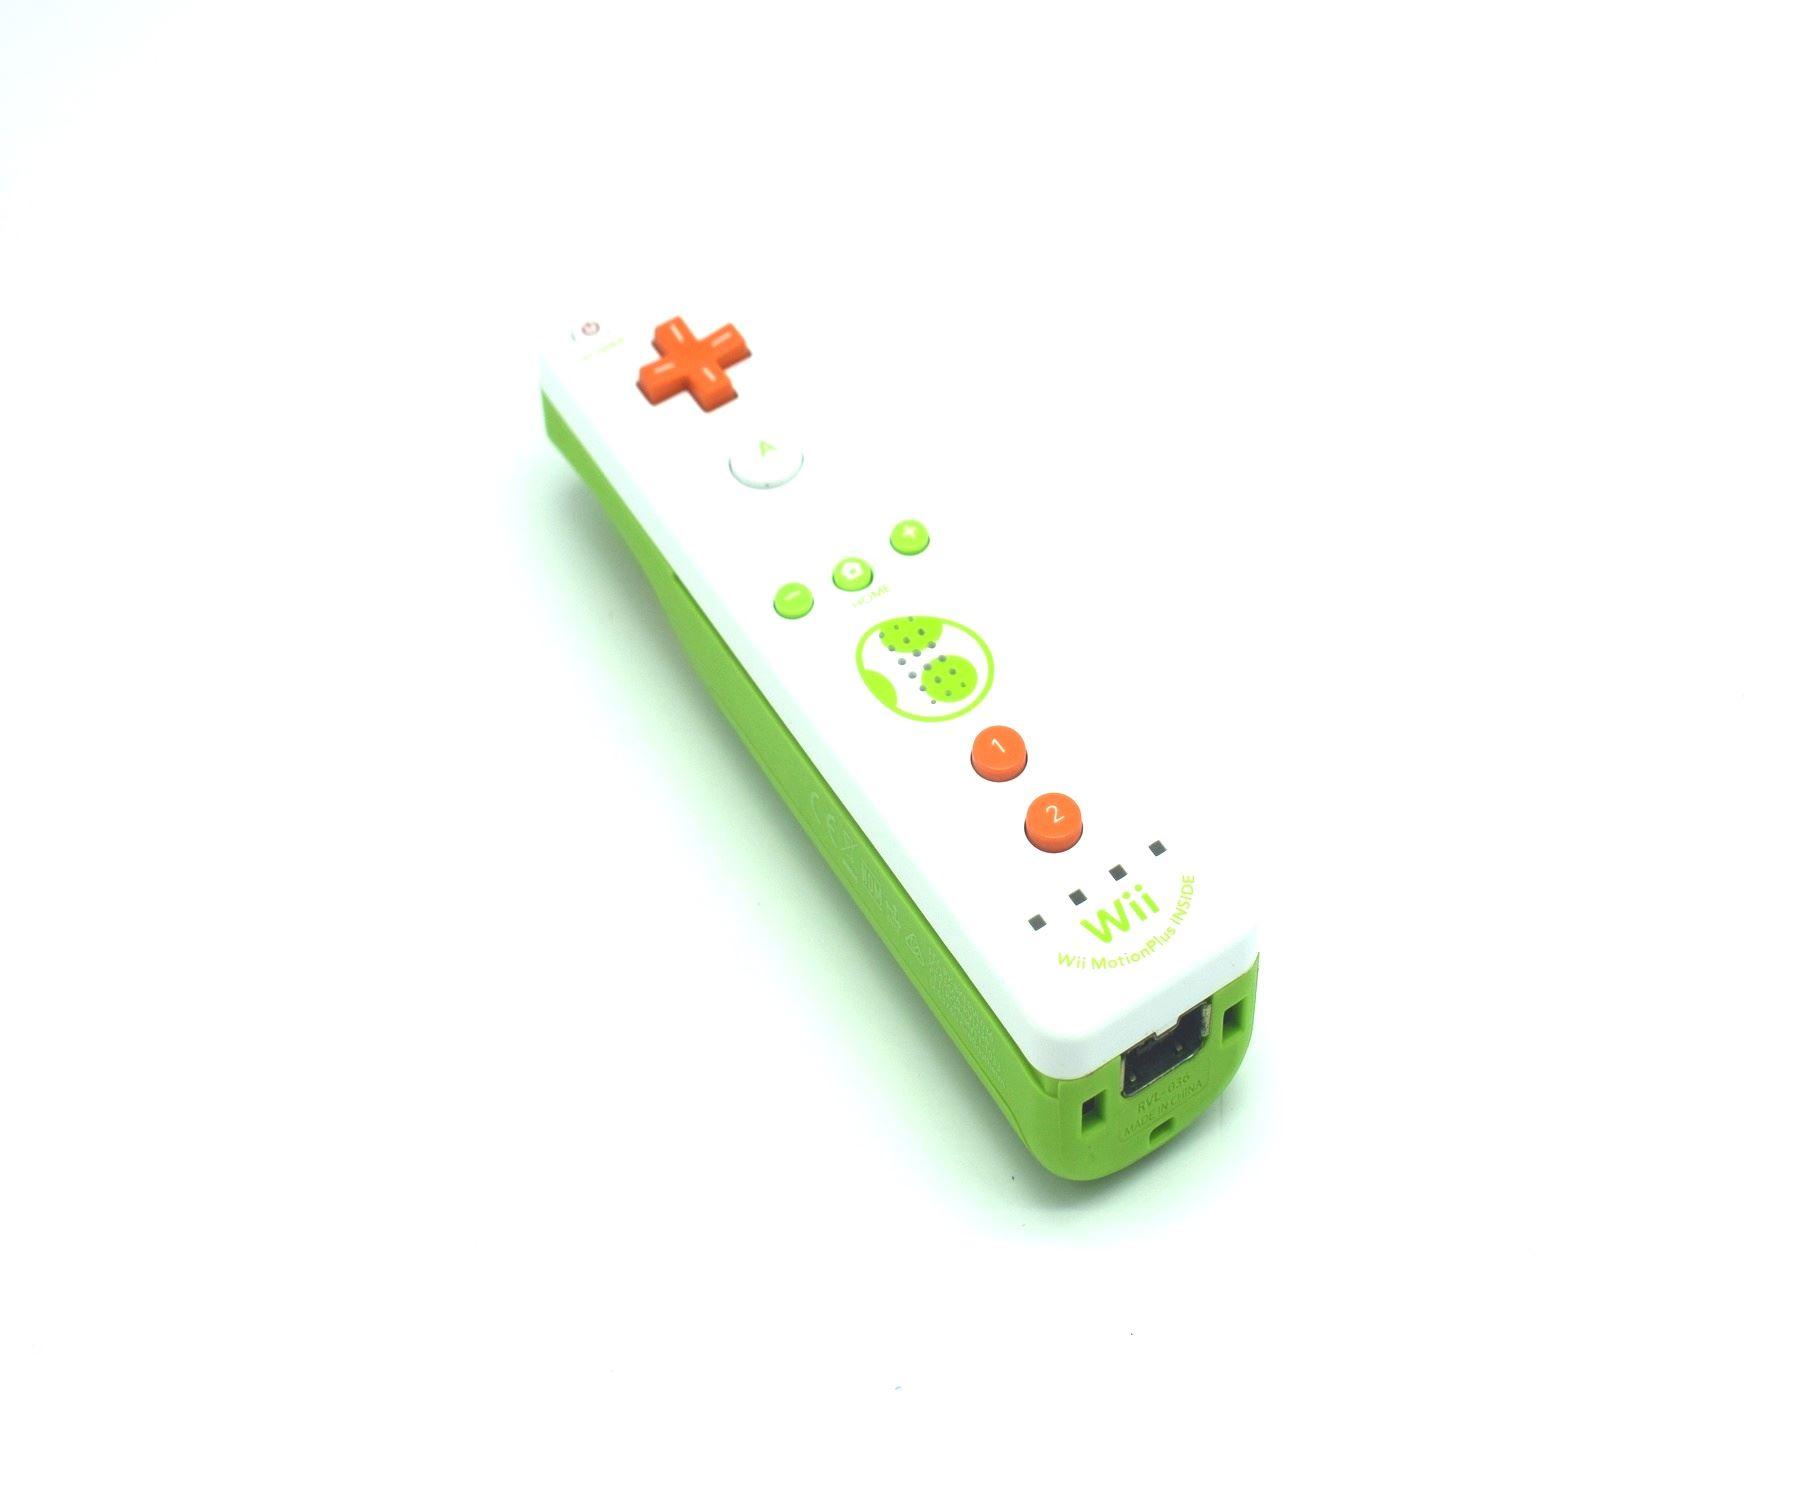 Official-Nintendo-Wii-amp-Remote-U-Plus-Genuine-Original-Controller miniatuur 90